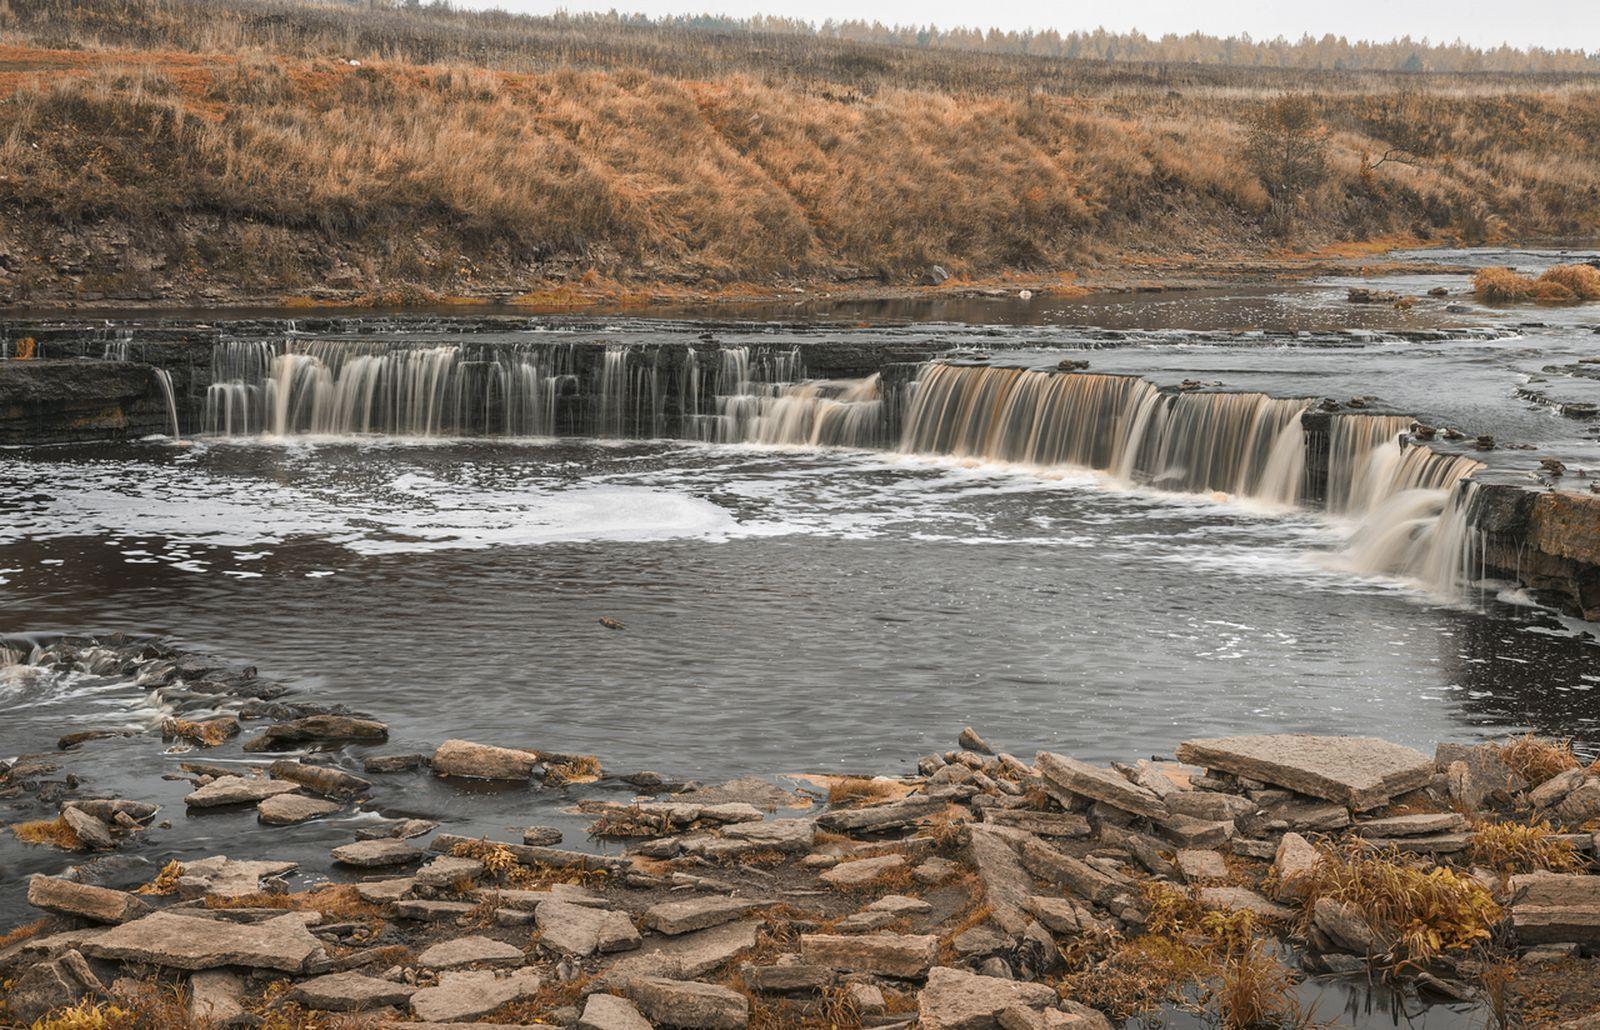 Водопад на реке Тосна. Водопад на реке Тосна водопады Ленинградской области река